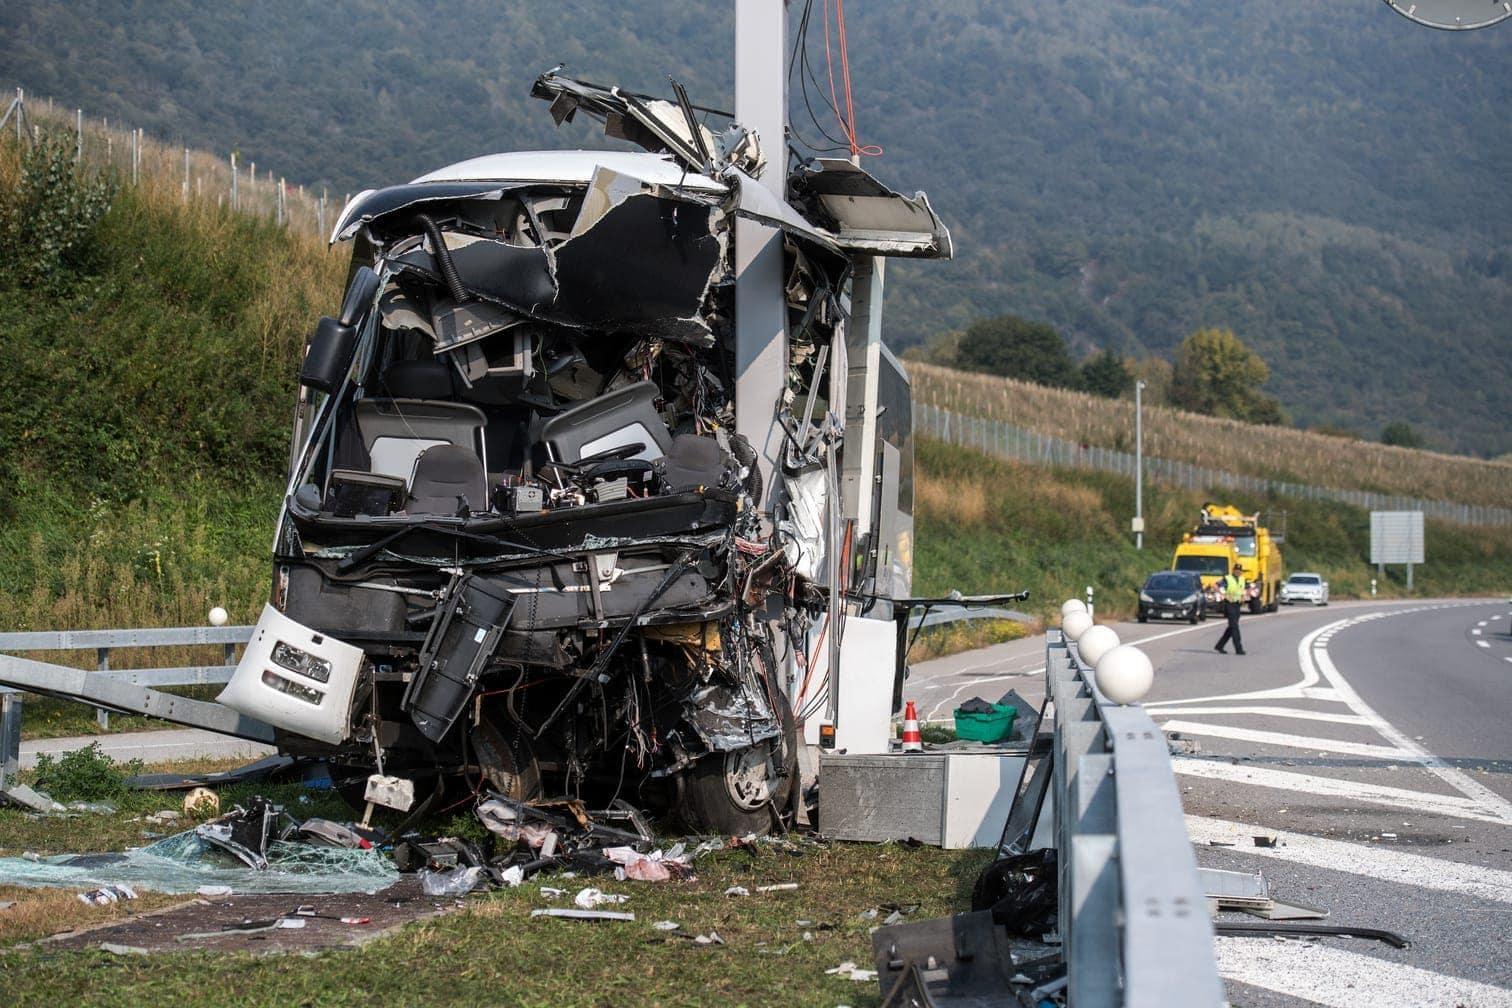 <p>Nach Angaben der Schweizer Nachrichtenagentur SDA prallte der Bus am Sonntagmorgen auf der Autobahn A2 in Sigirino nördlich von Lugano gegen einen Pfosten mit Signalanlagen.</p> Foto: dpa/Gabriele Putzu